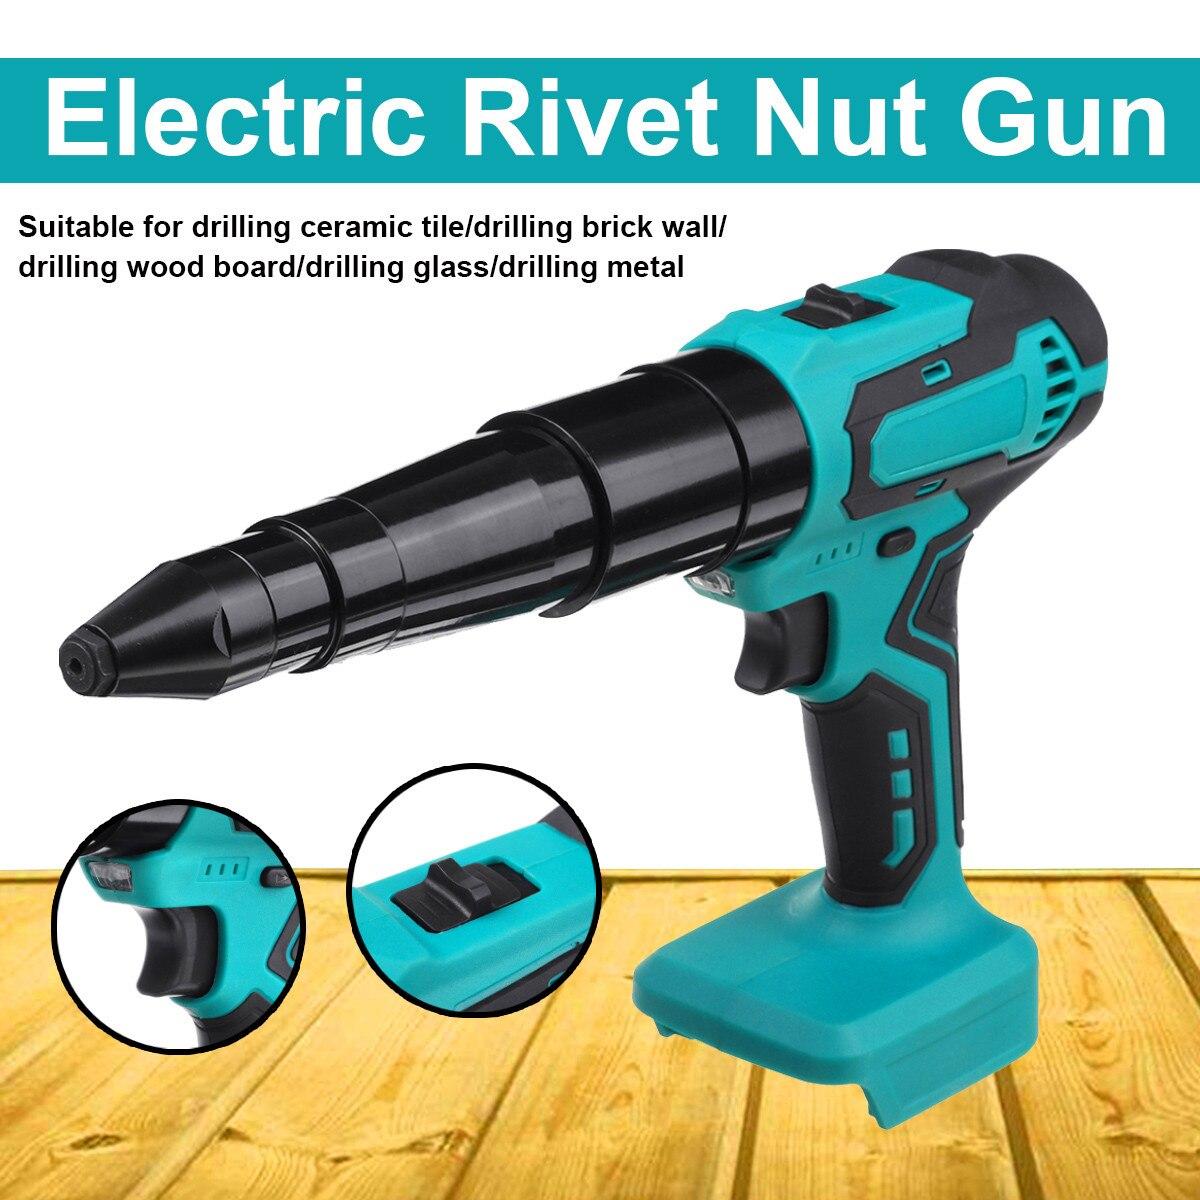 Arma de Rebite Elétrica sem Fio Chave de Fenda Recarregável para a Bateria de Makita Portátil Elétrica Cega Rebitador Rvet Porca 3.2mm-4.8mm